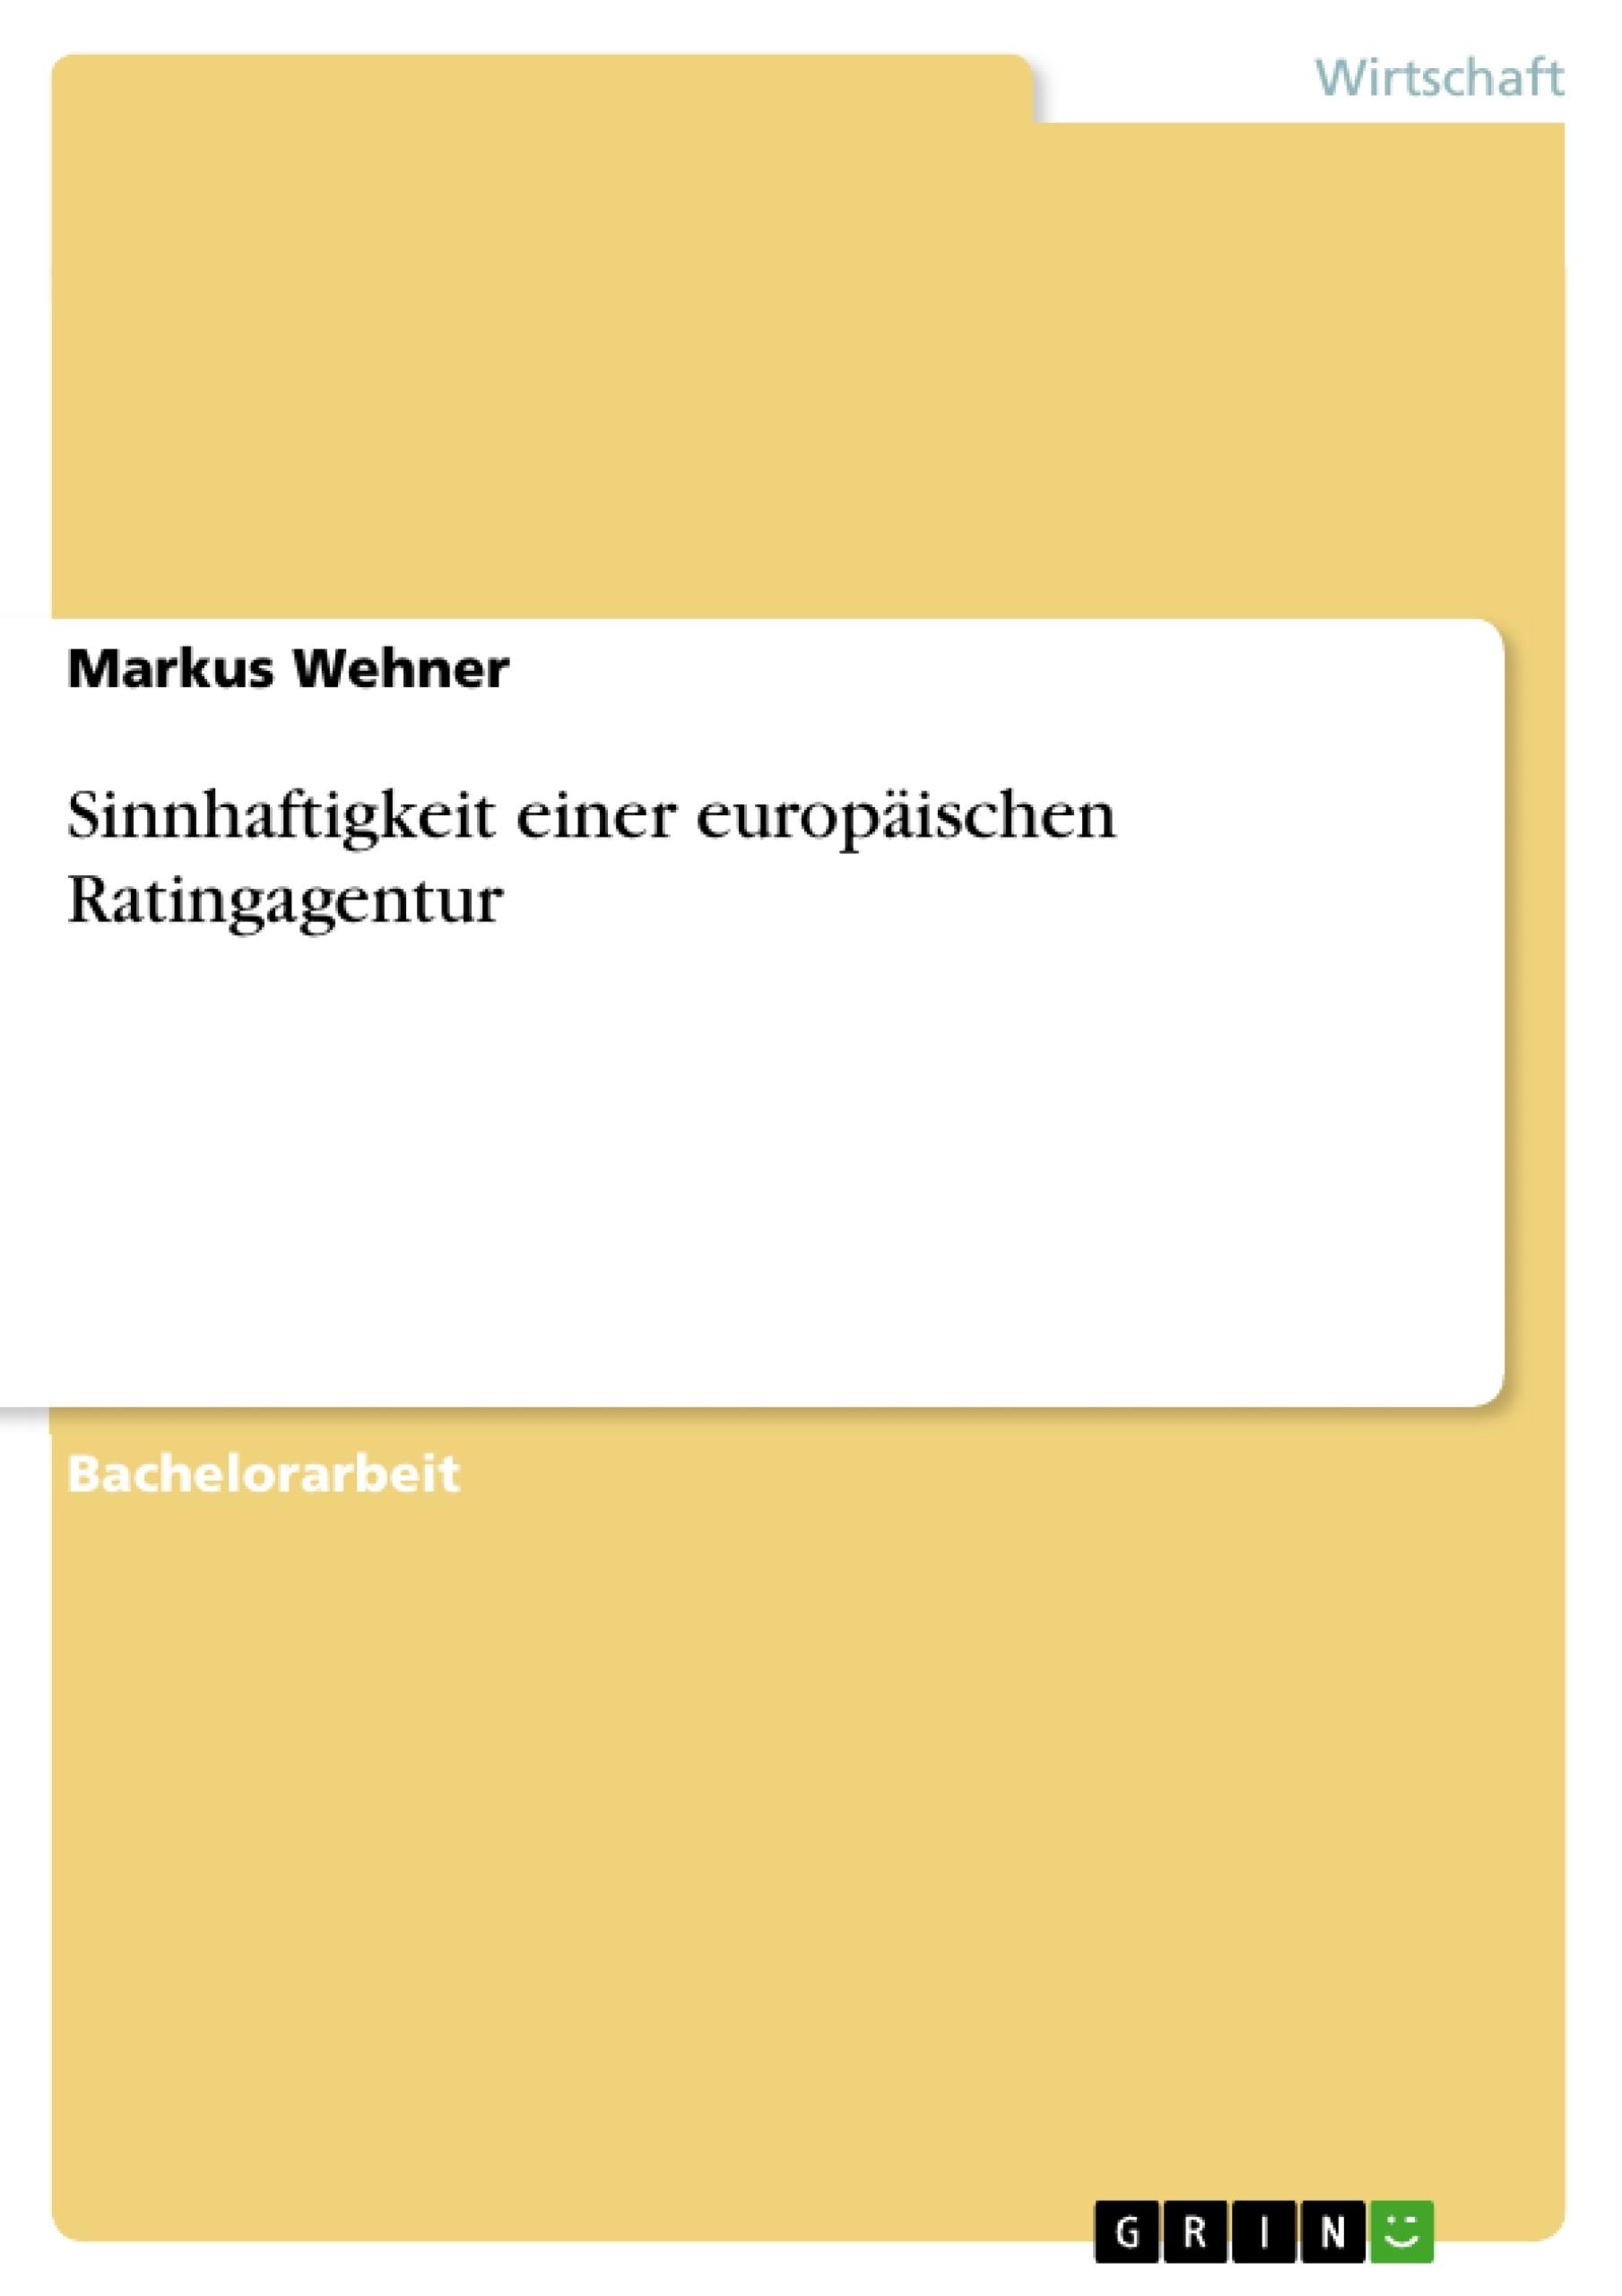 Titel: Sinnhaftigkeit einer europäischen Ratingagentur